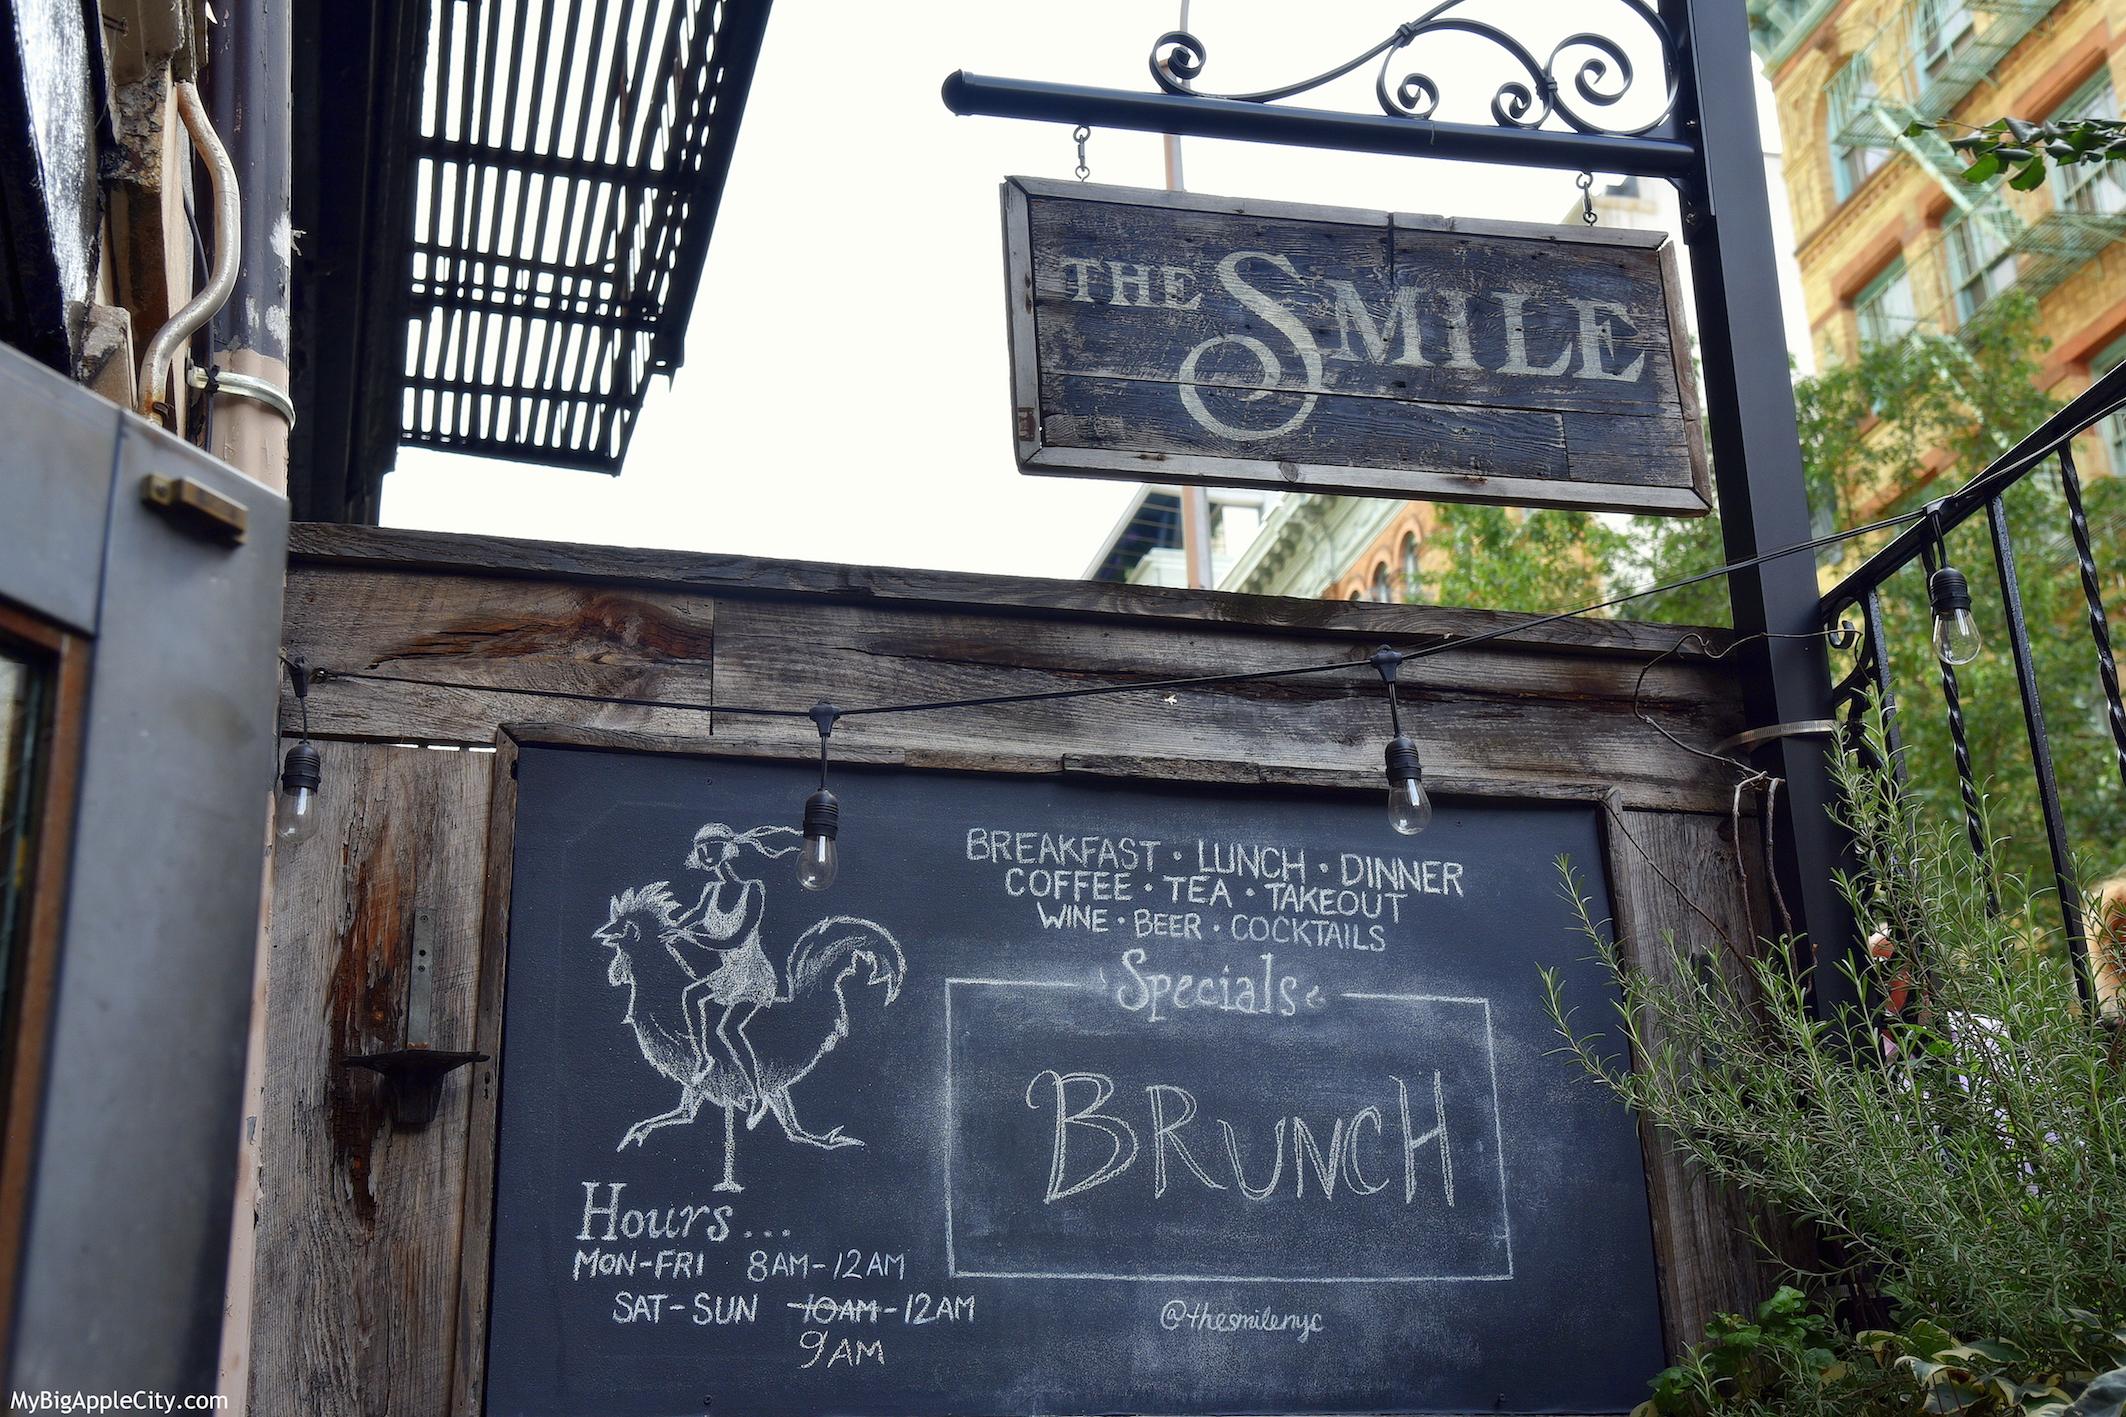 Best-Brunch-New-York-The-Smile-voyage-NYC-mybigapplecity